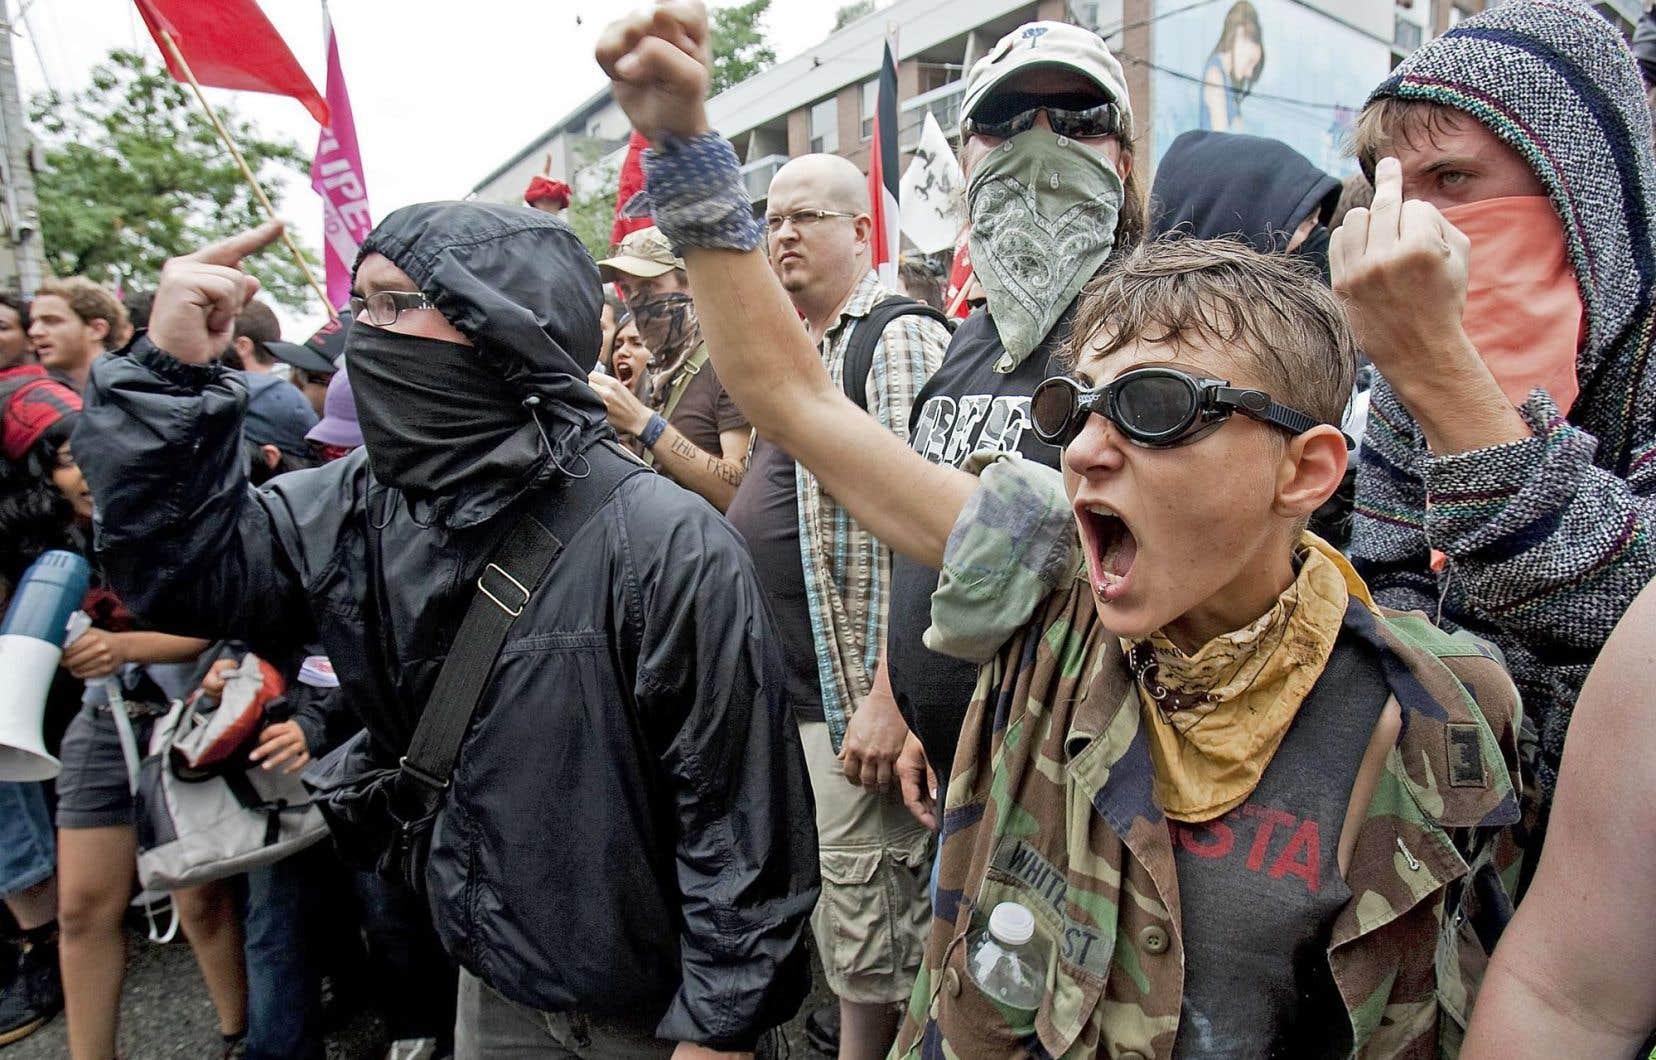 Action, réaction, révolution, contre-révolution. Vittorio Frigerio explique que nous ne sommes jamais bien loin d'une nouvelle ère de révolte.